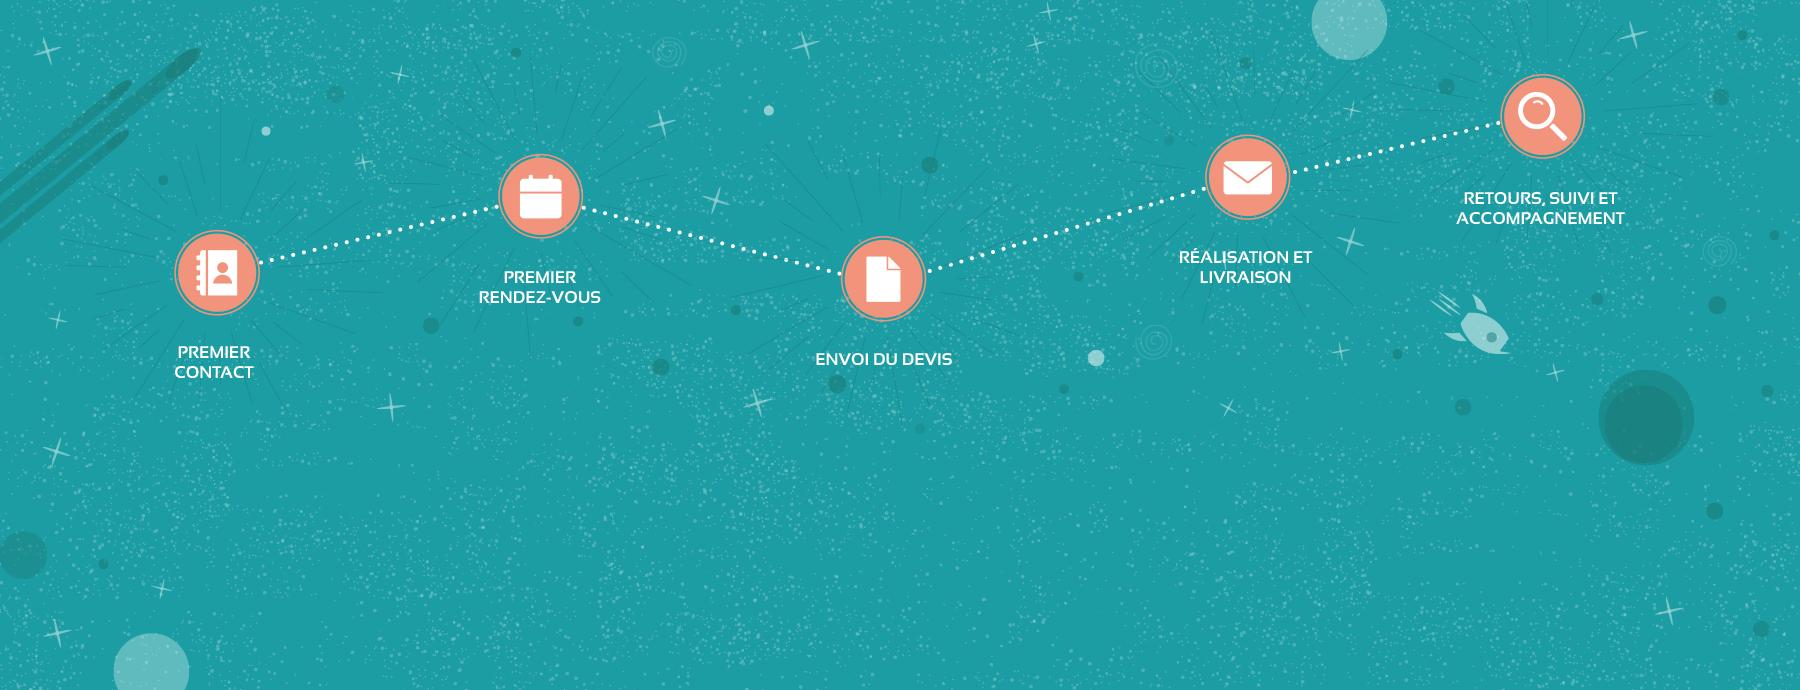 Illustration descriptive des étapes de fonctionnement lors d'une commande